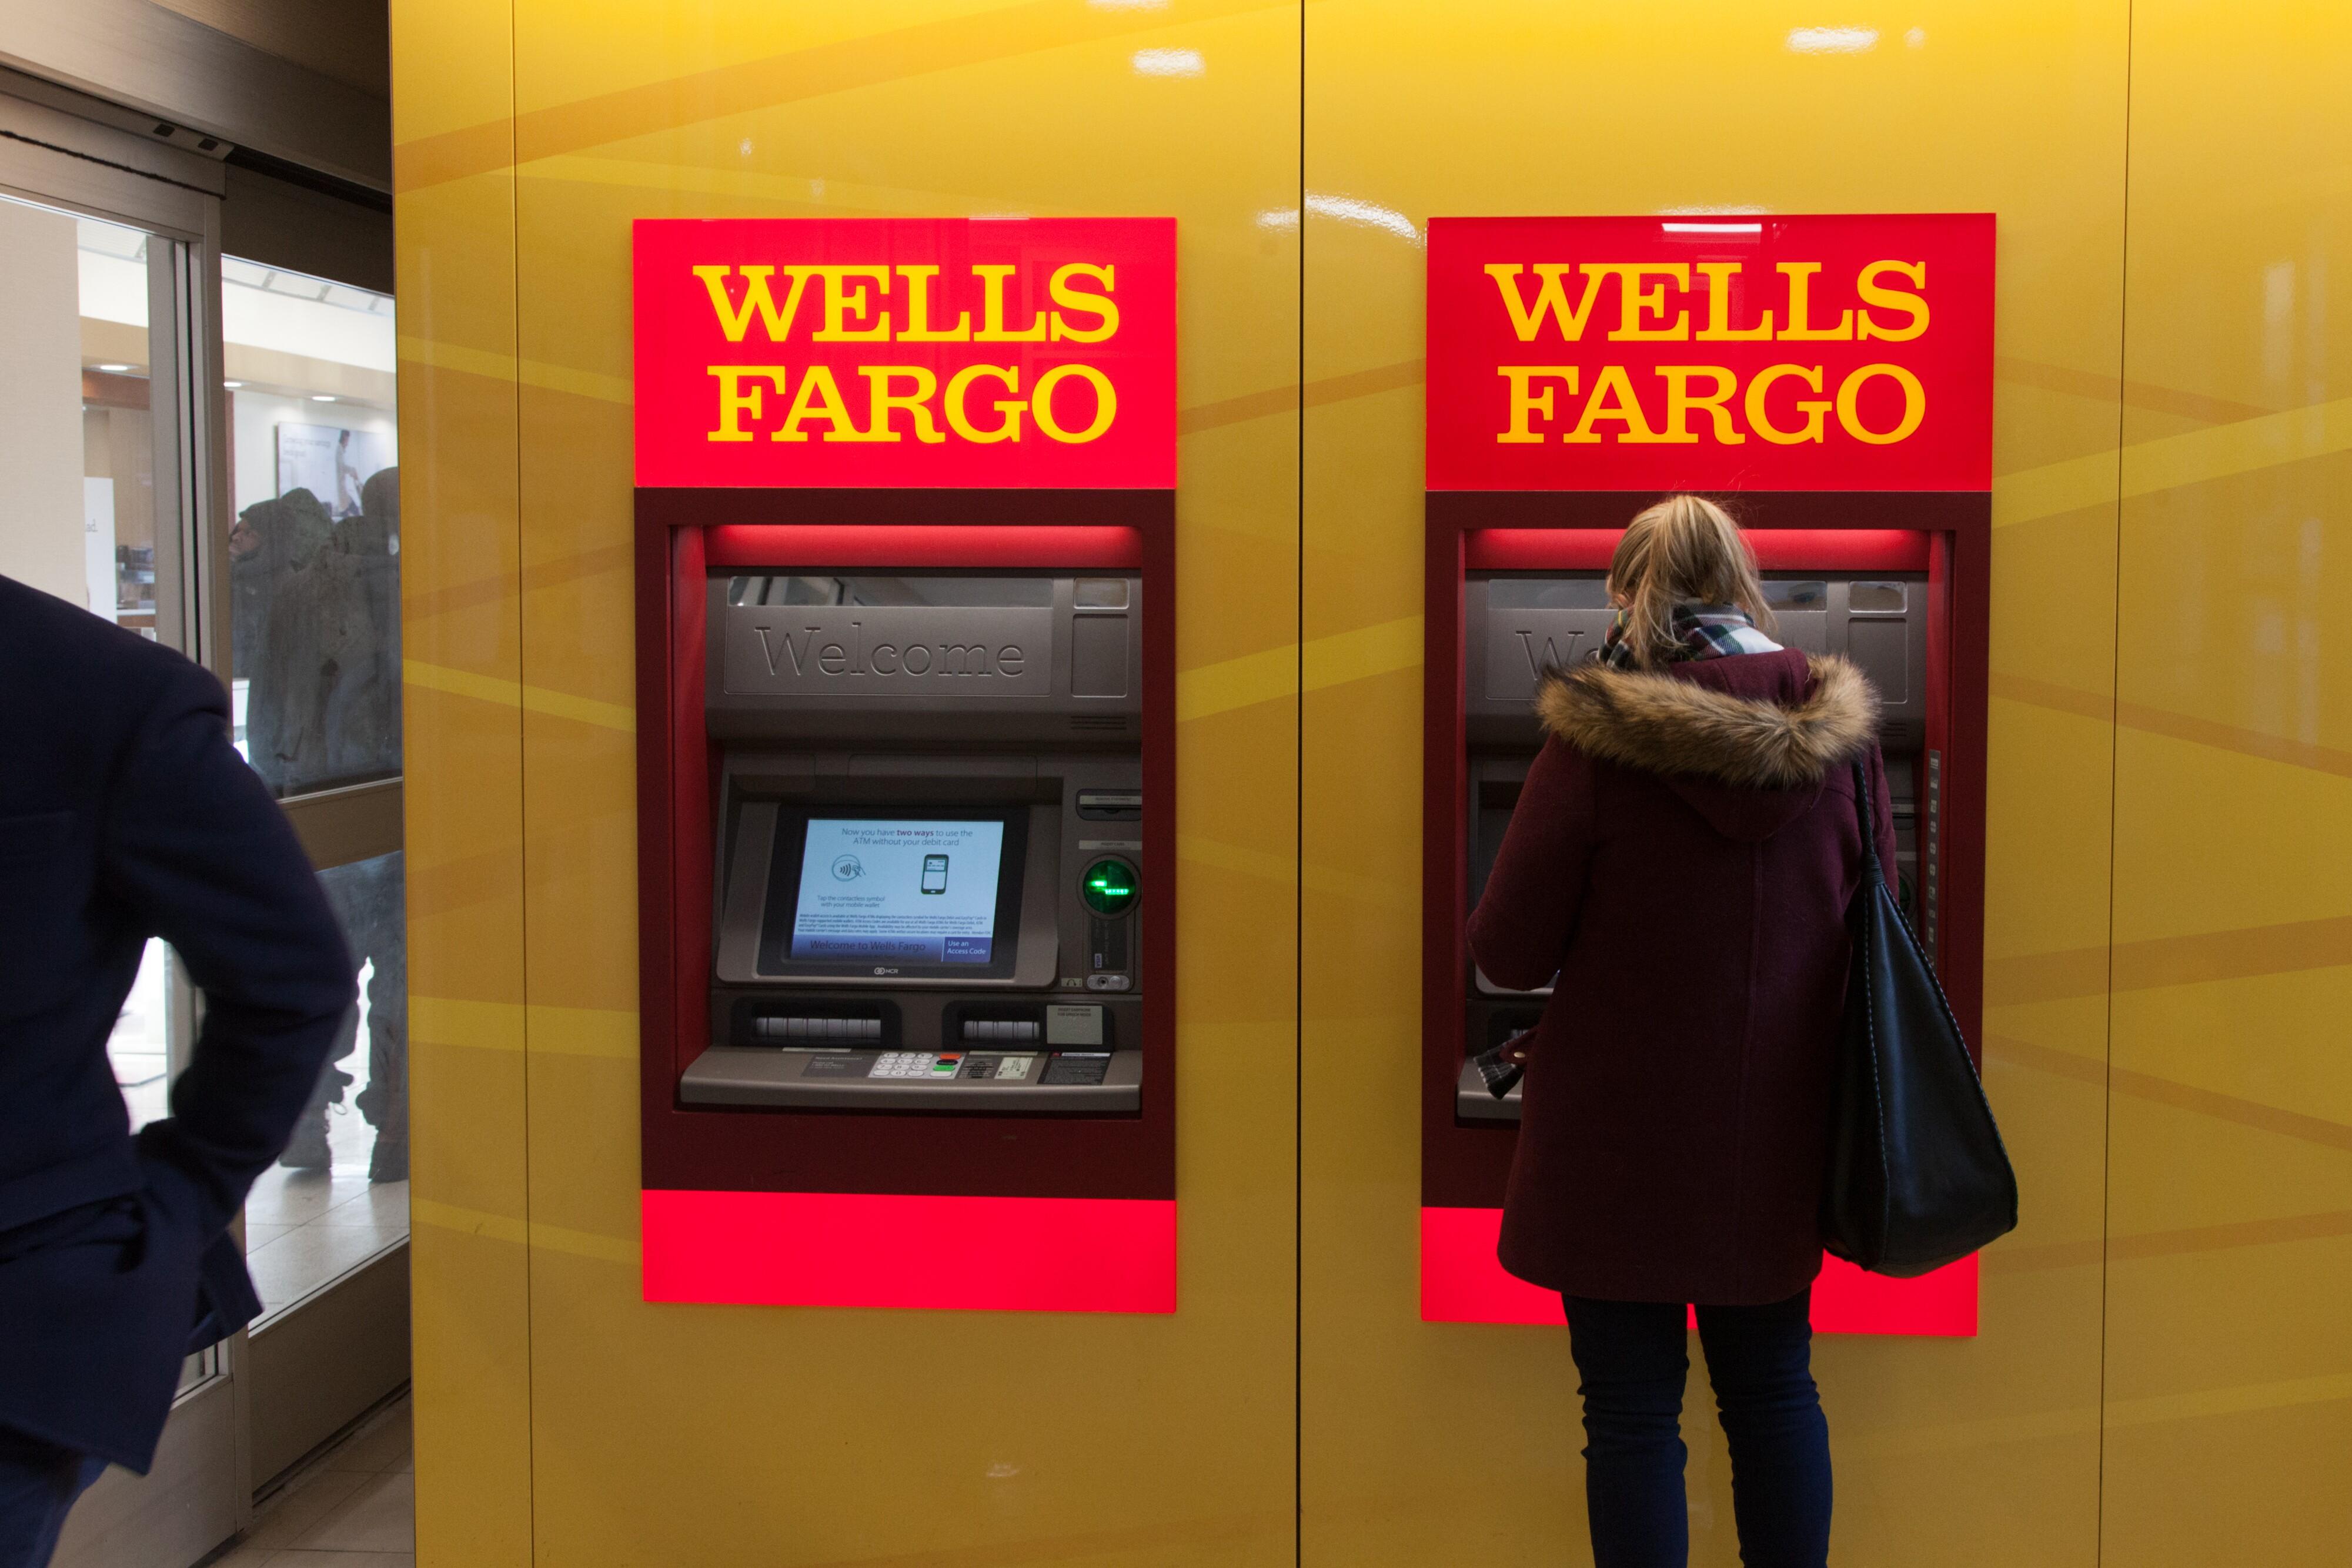 How the Fed's Wells Fargo crackdown makes deregulation easier